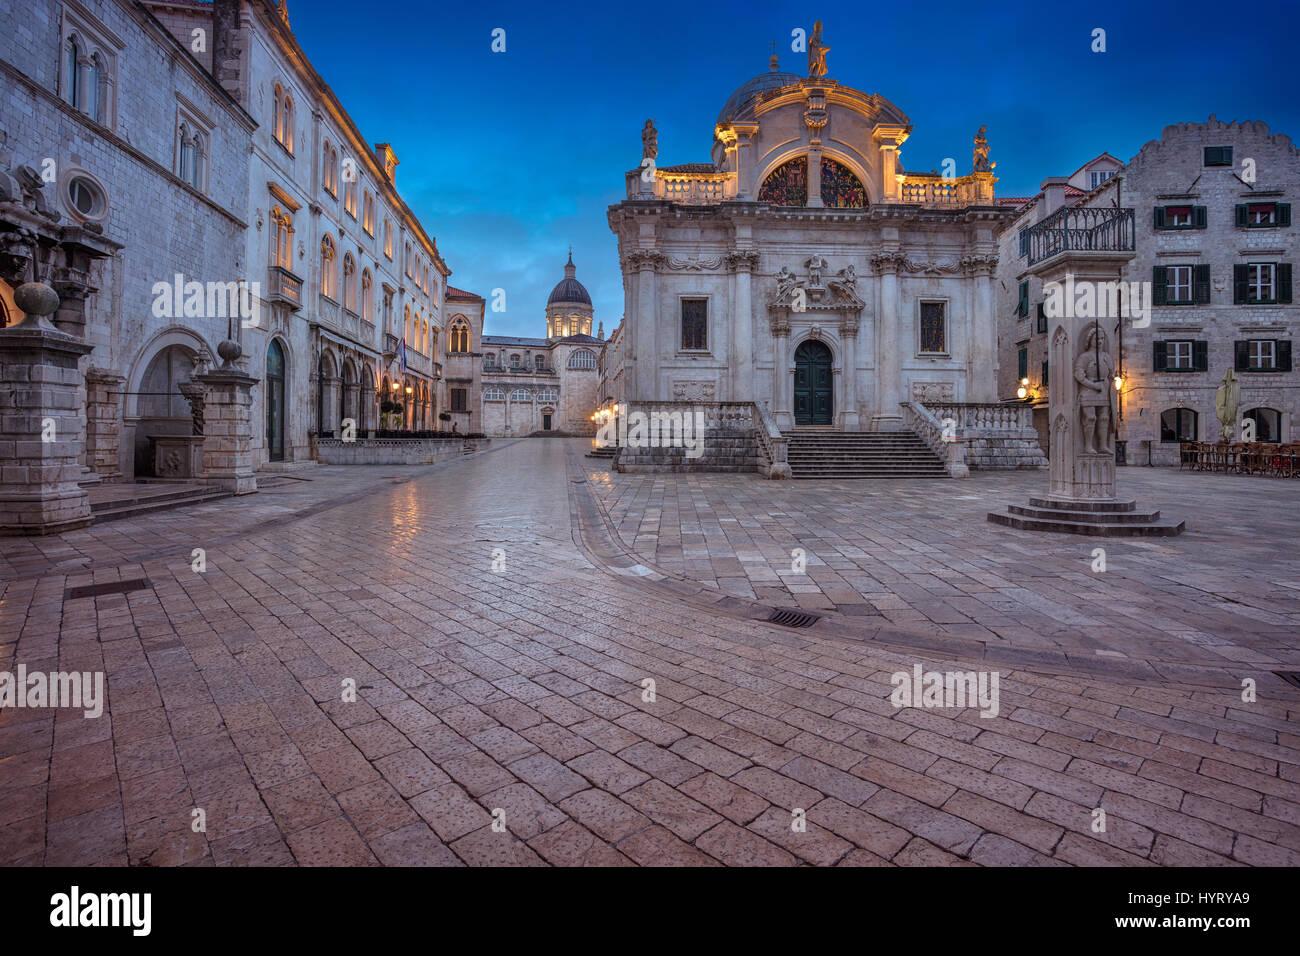 Dubrovnik. Hermosas y románticas calles del casco antiguo de Dubrovnik hora azul durante el crepúsculo. Imagen De Stock